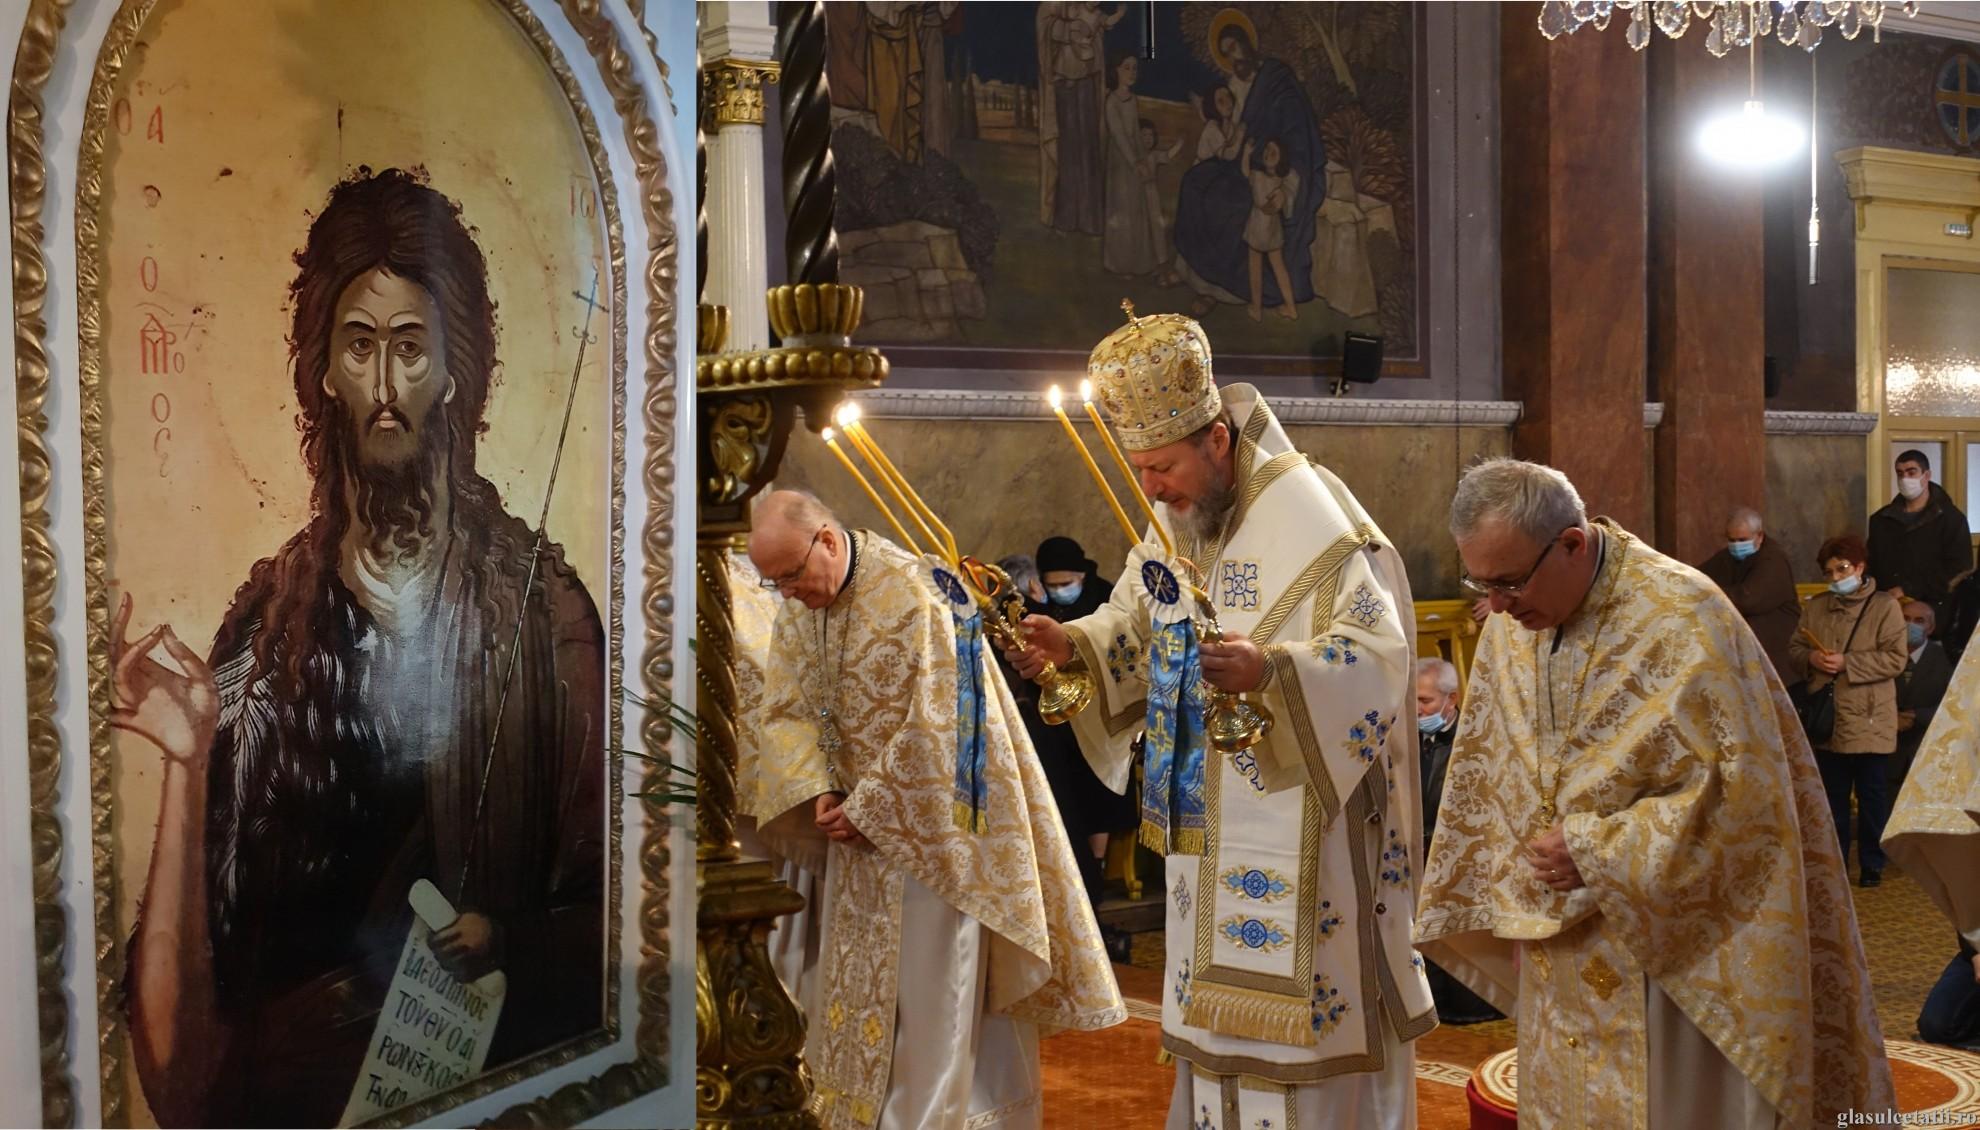 ÎN IMAGINI – Liturghia Arhierească la prăznuirea Sf. Ioan Botezătorul, săvârșită la Catedrala Veche din Arad